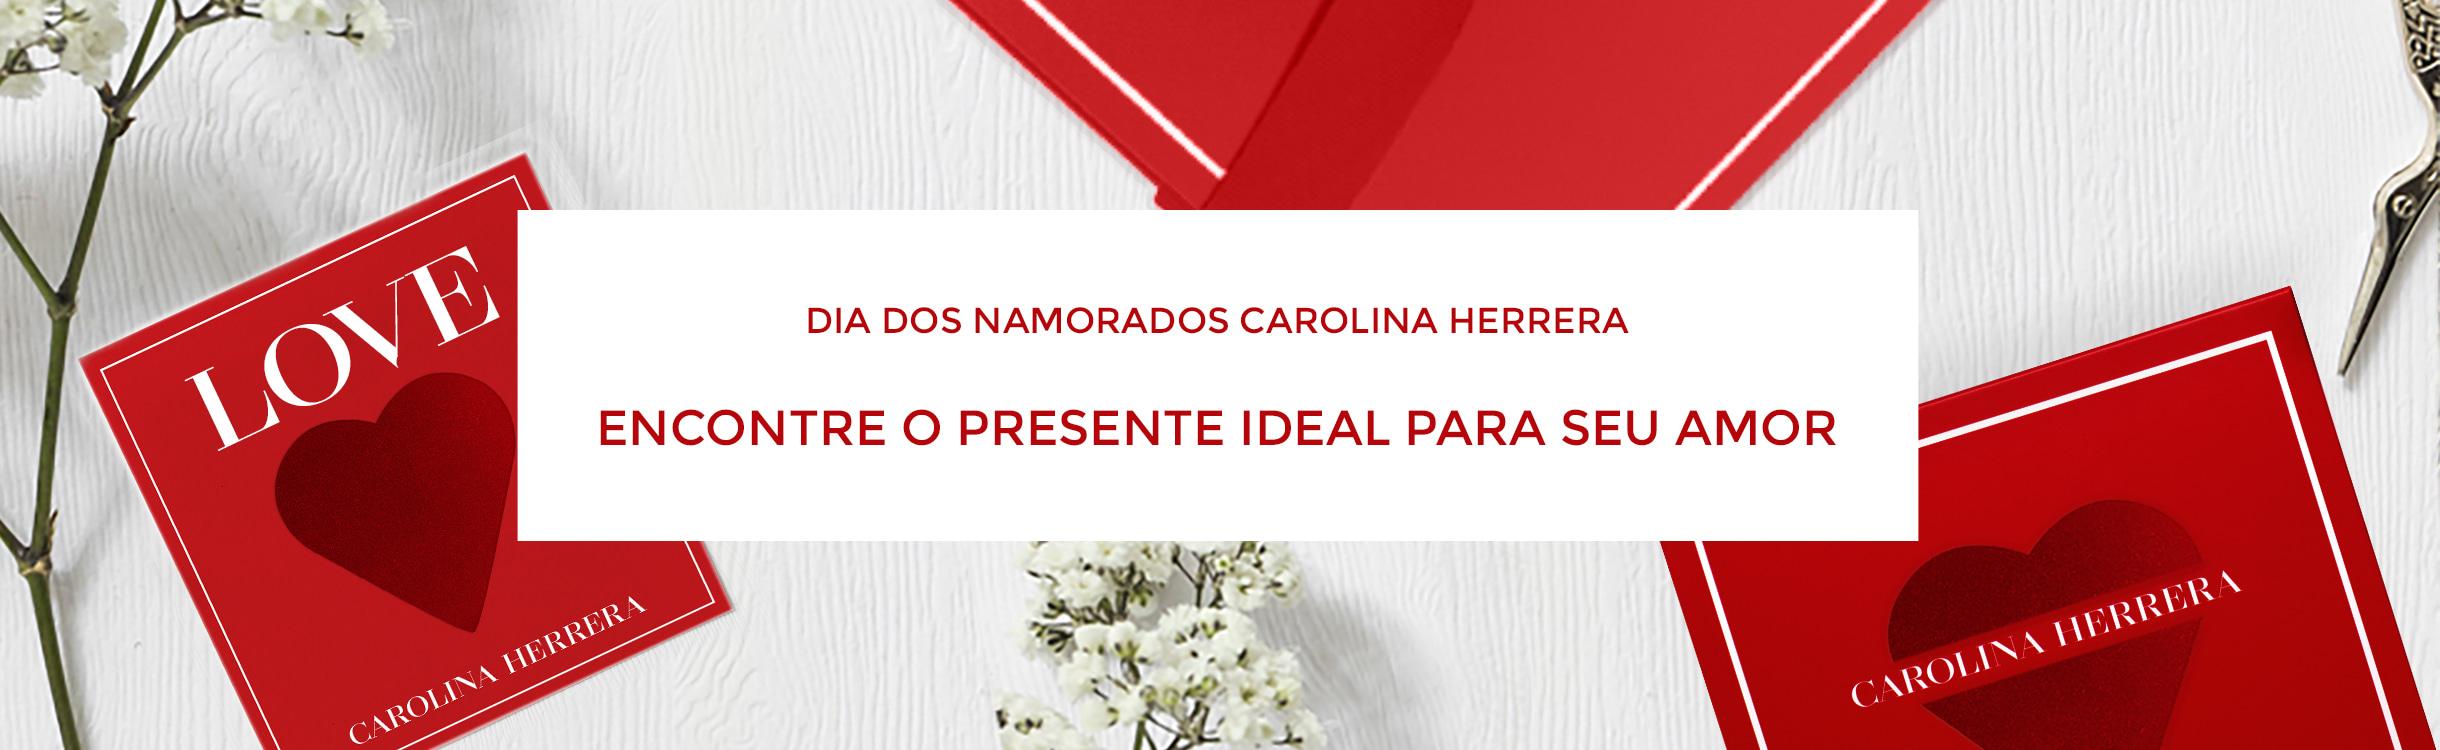 Carolina Herrera | Os Clássicos mais amados